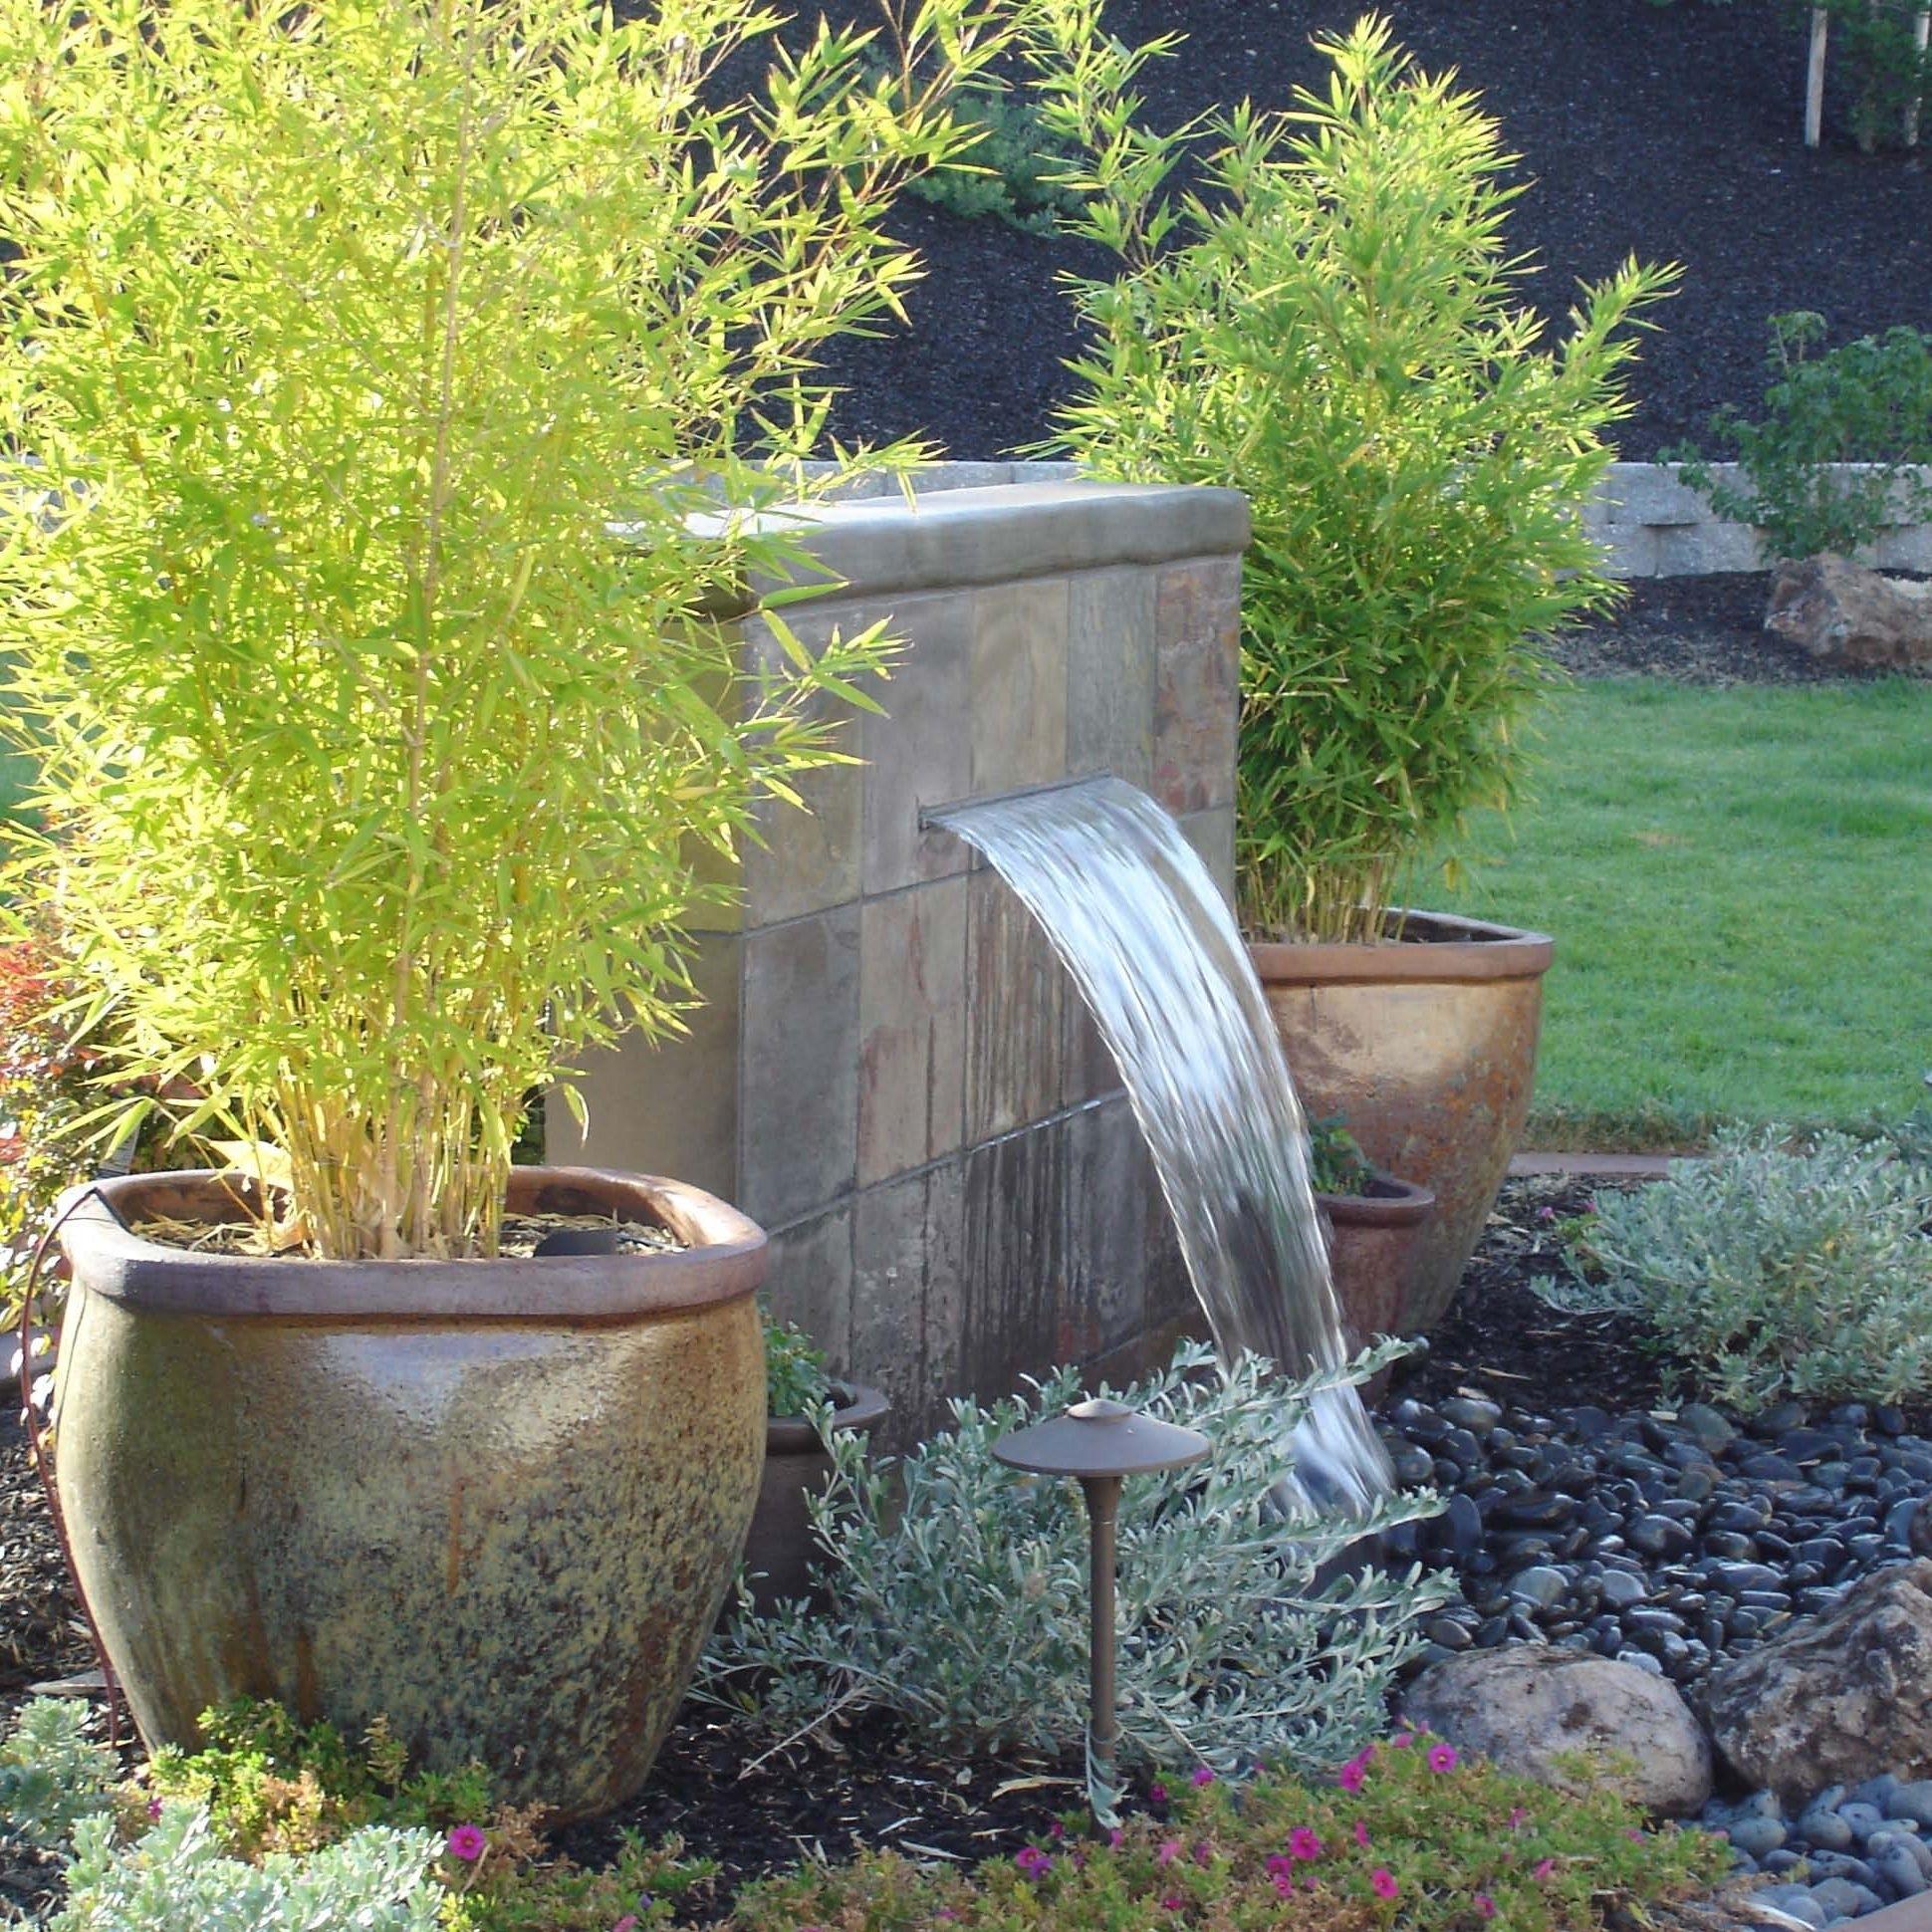 ... fontane da giardino - Giardino - Arredamento per Giardino